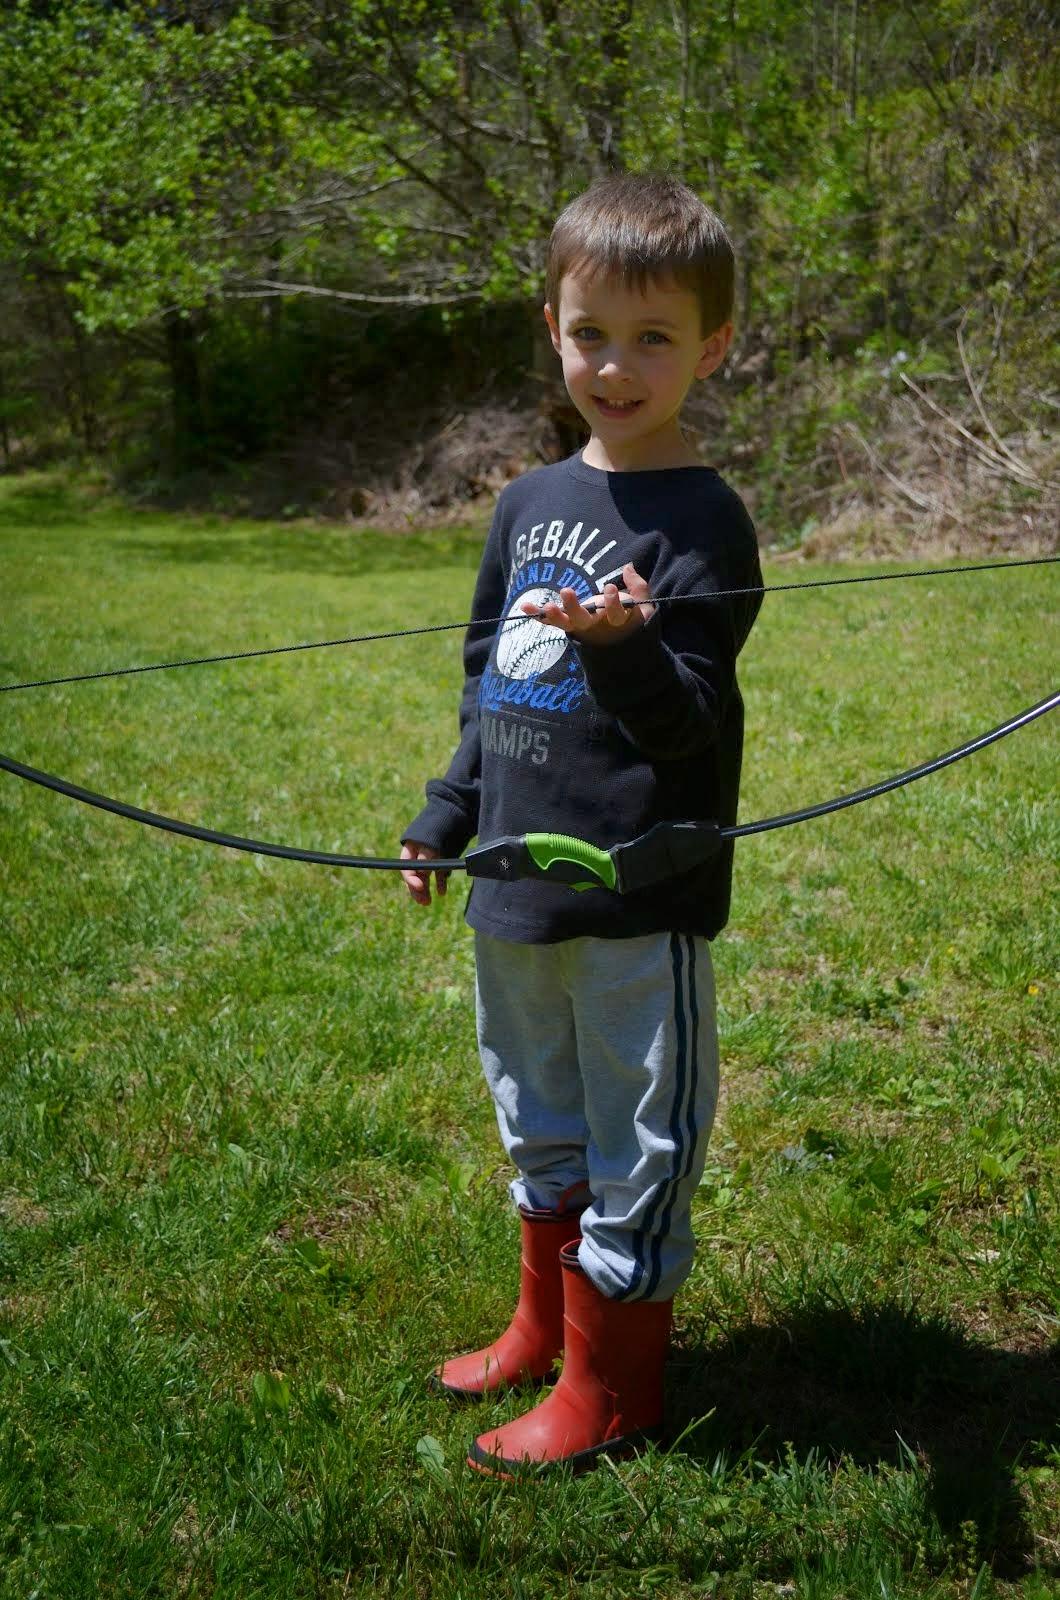 Isaac - age 6